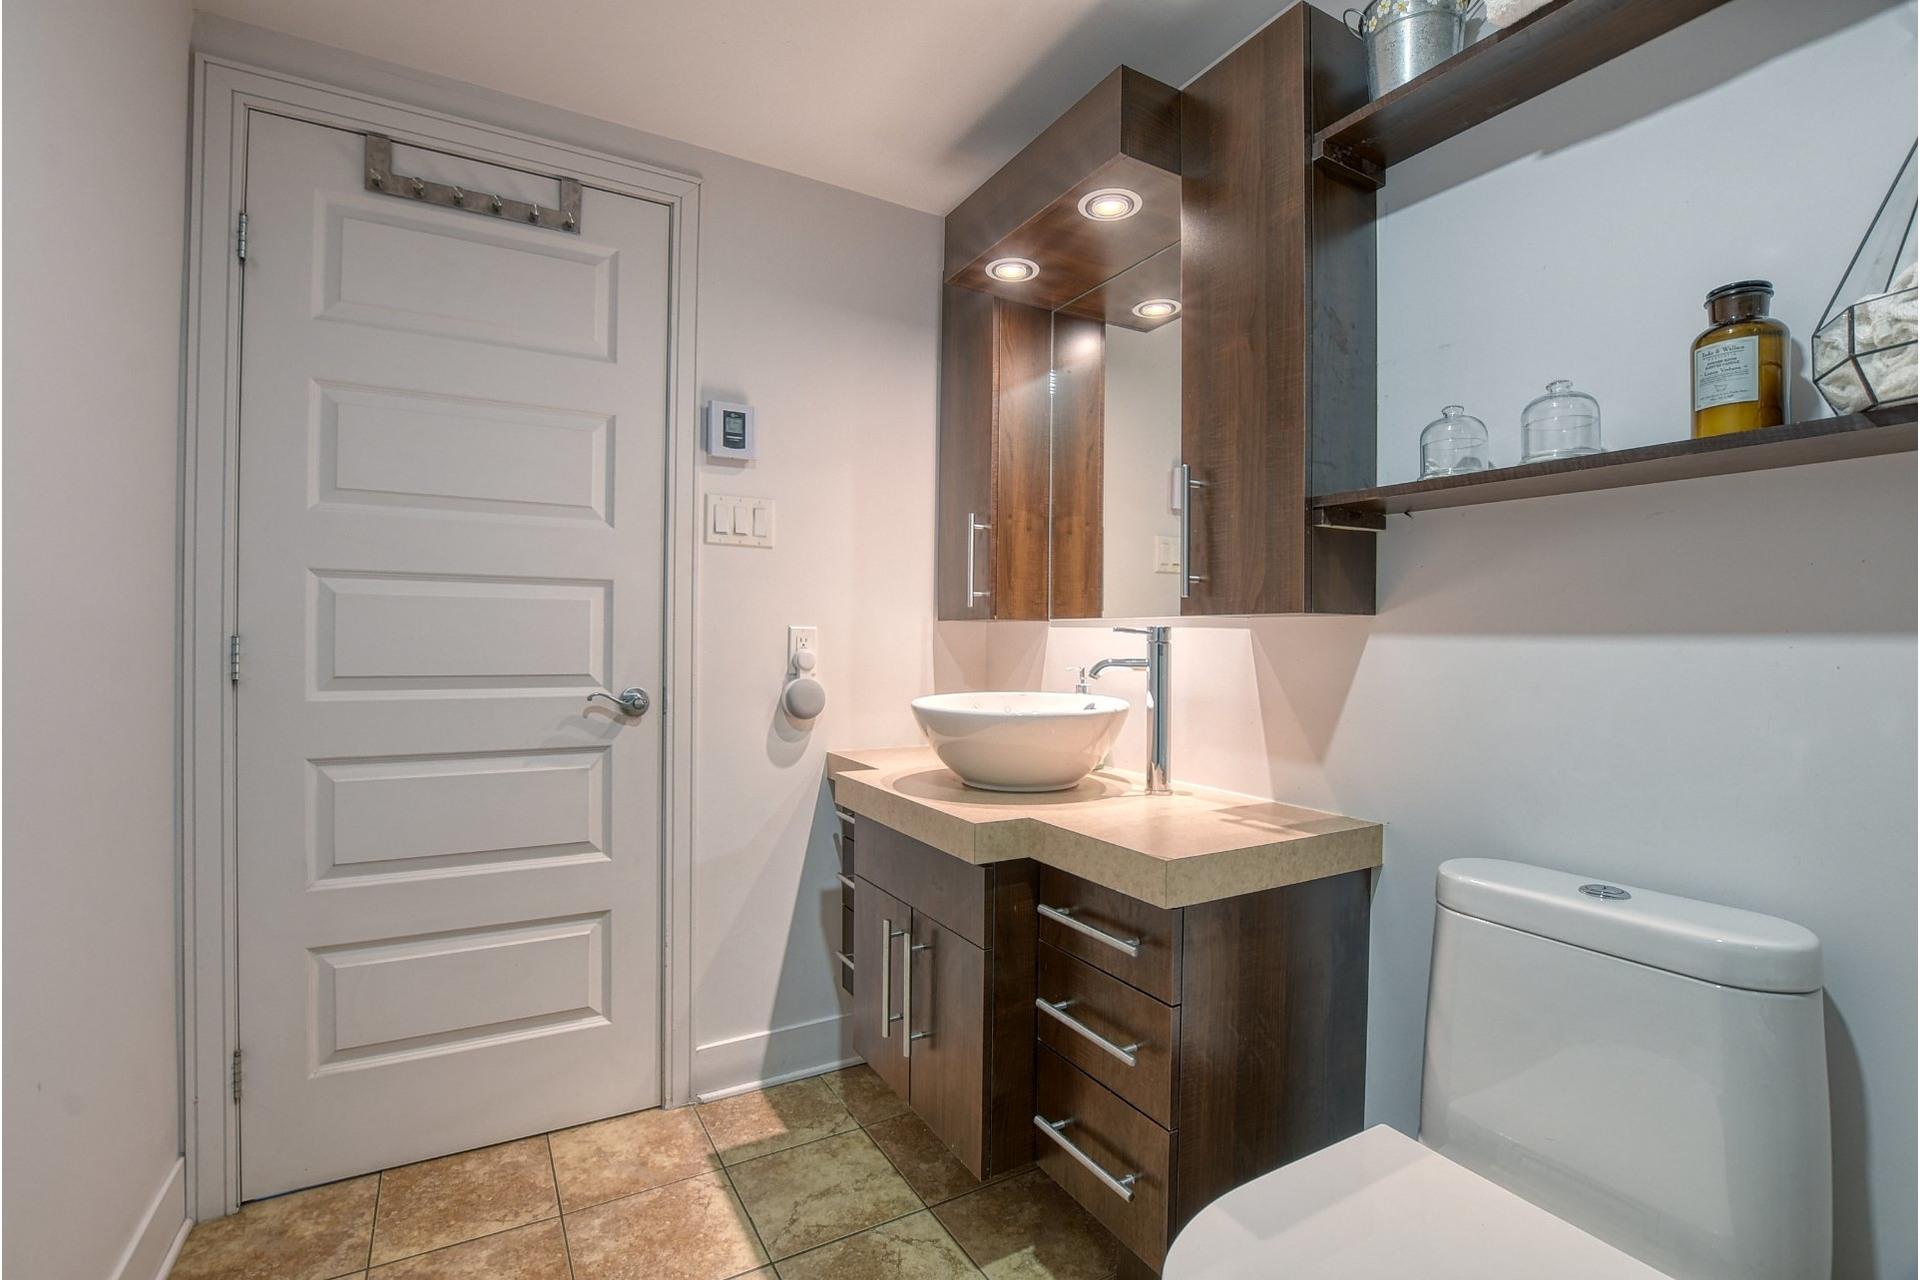 image 12 - Apartment For sale Ahuntsic-Cartierville Montréal  - 4 rooms